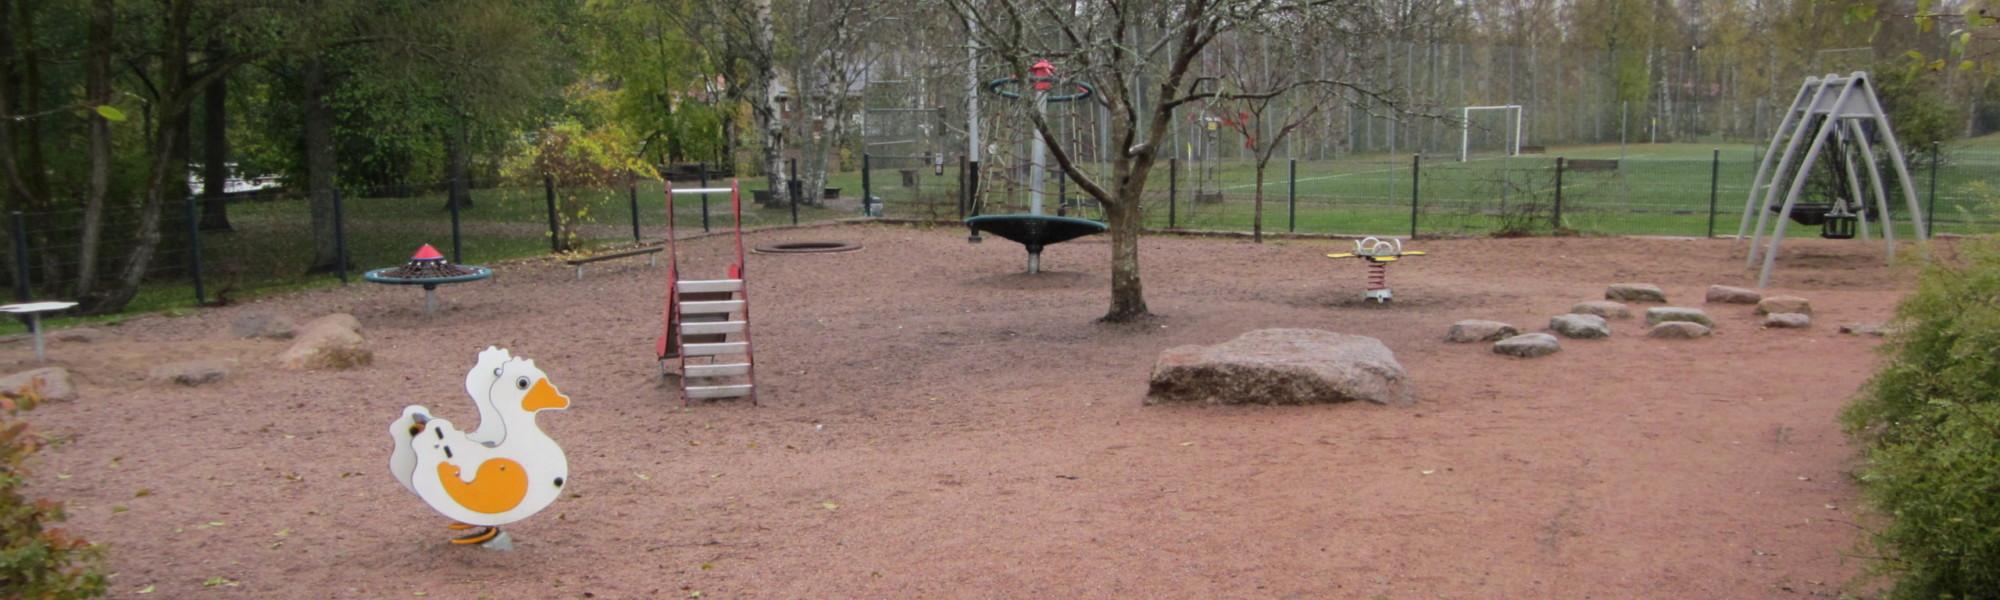 Kuvassa on Jokipuiston leikkipaikka